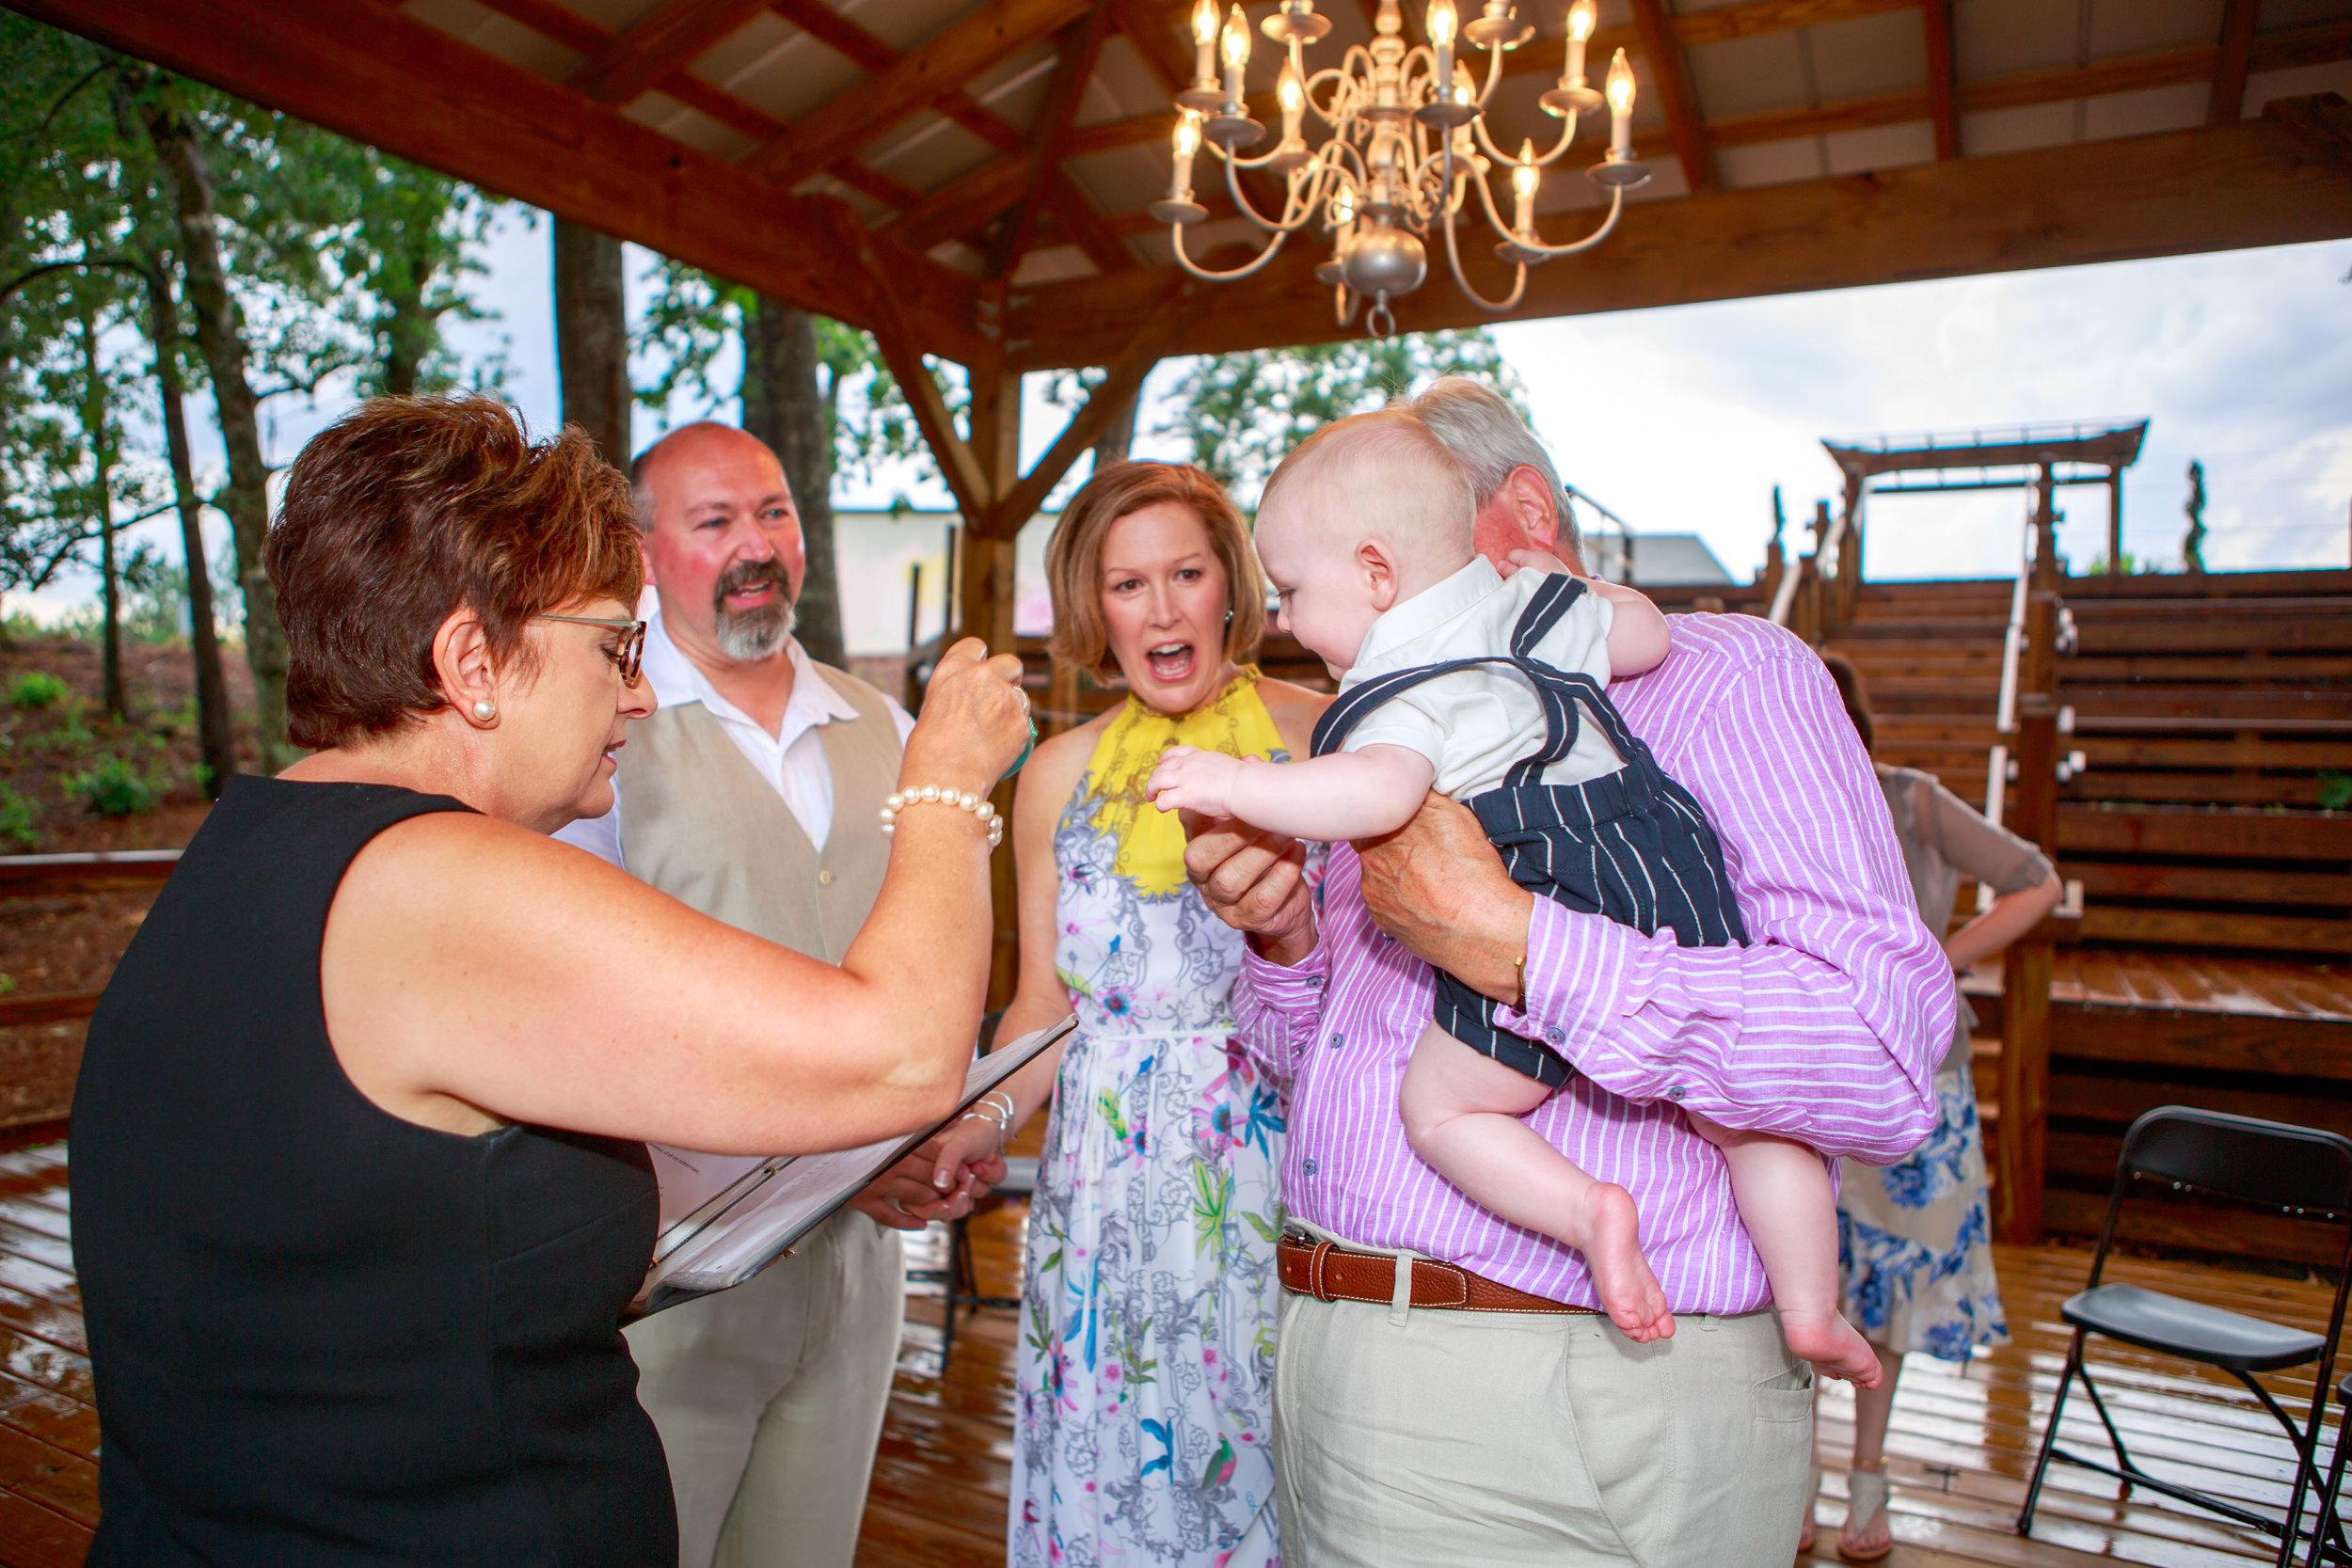 NC-Wedding-Cape-Fear-Vineyard-37.jpg